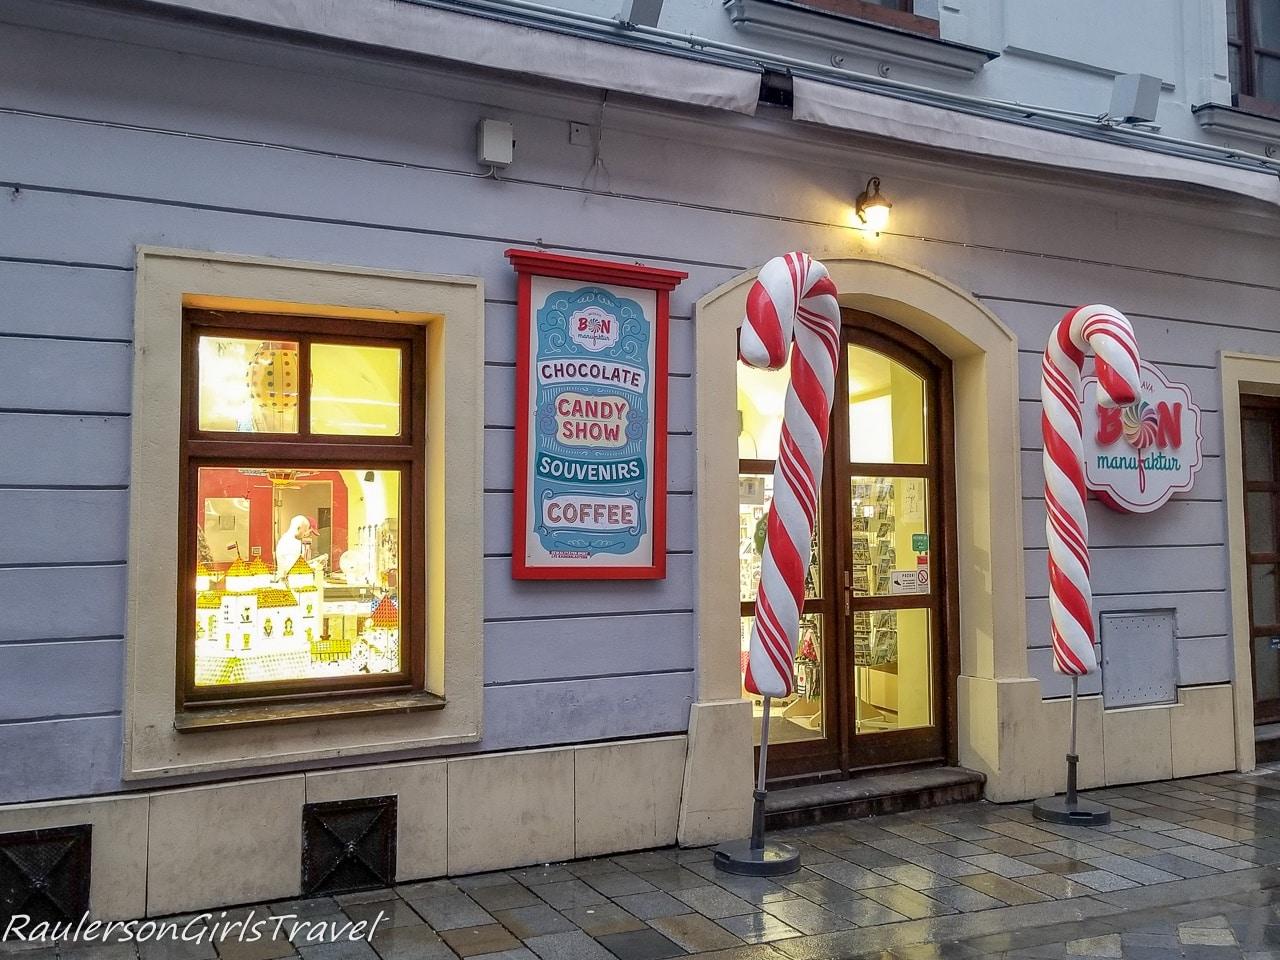 Bon candy store